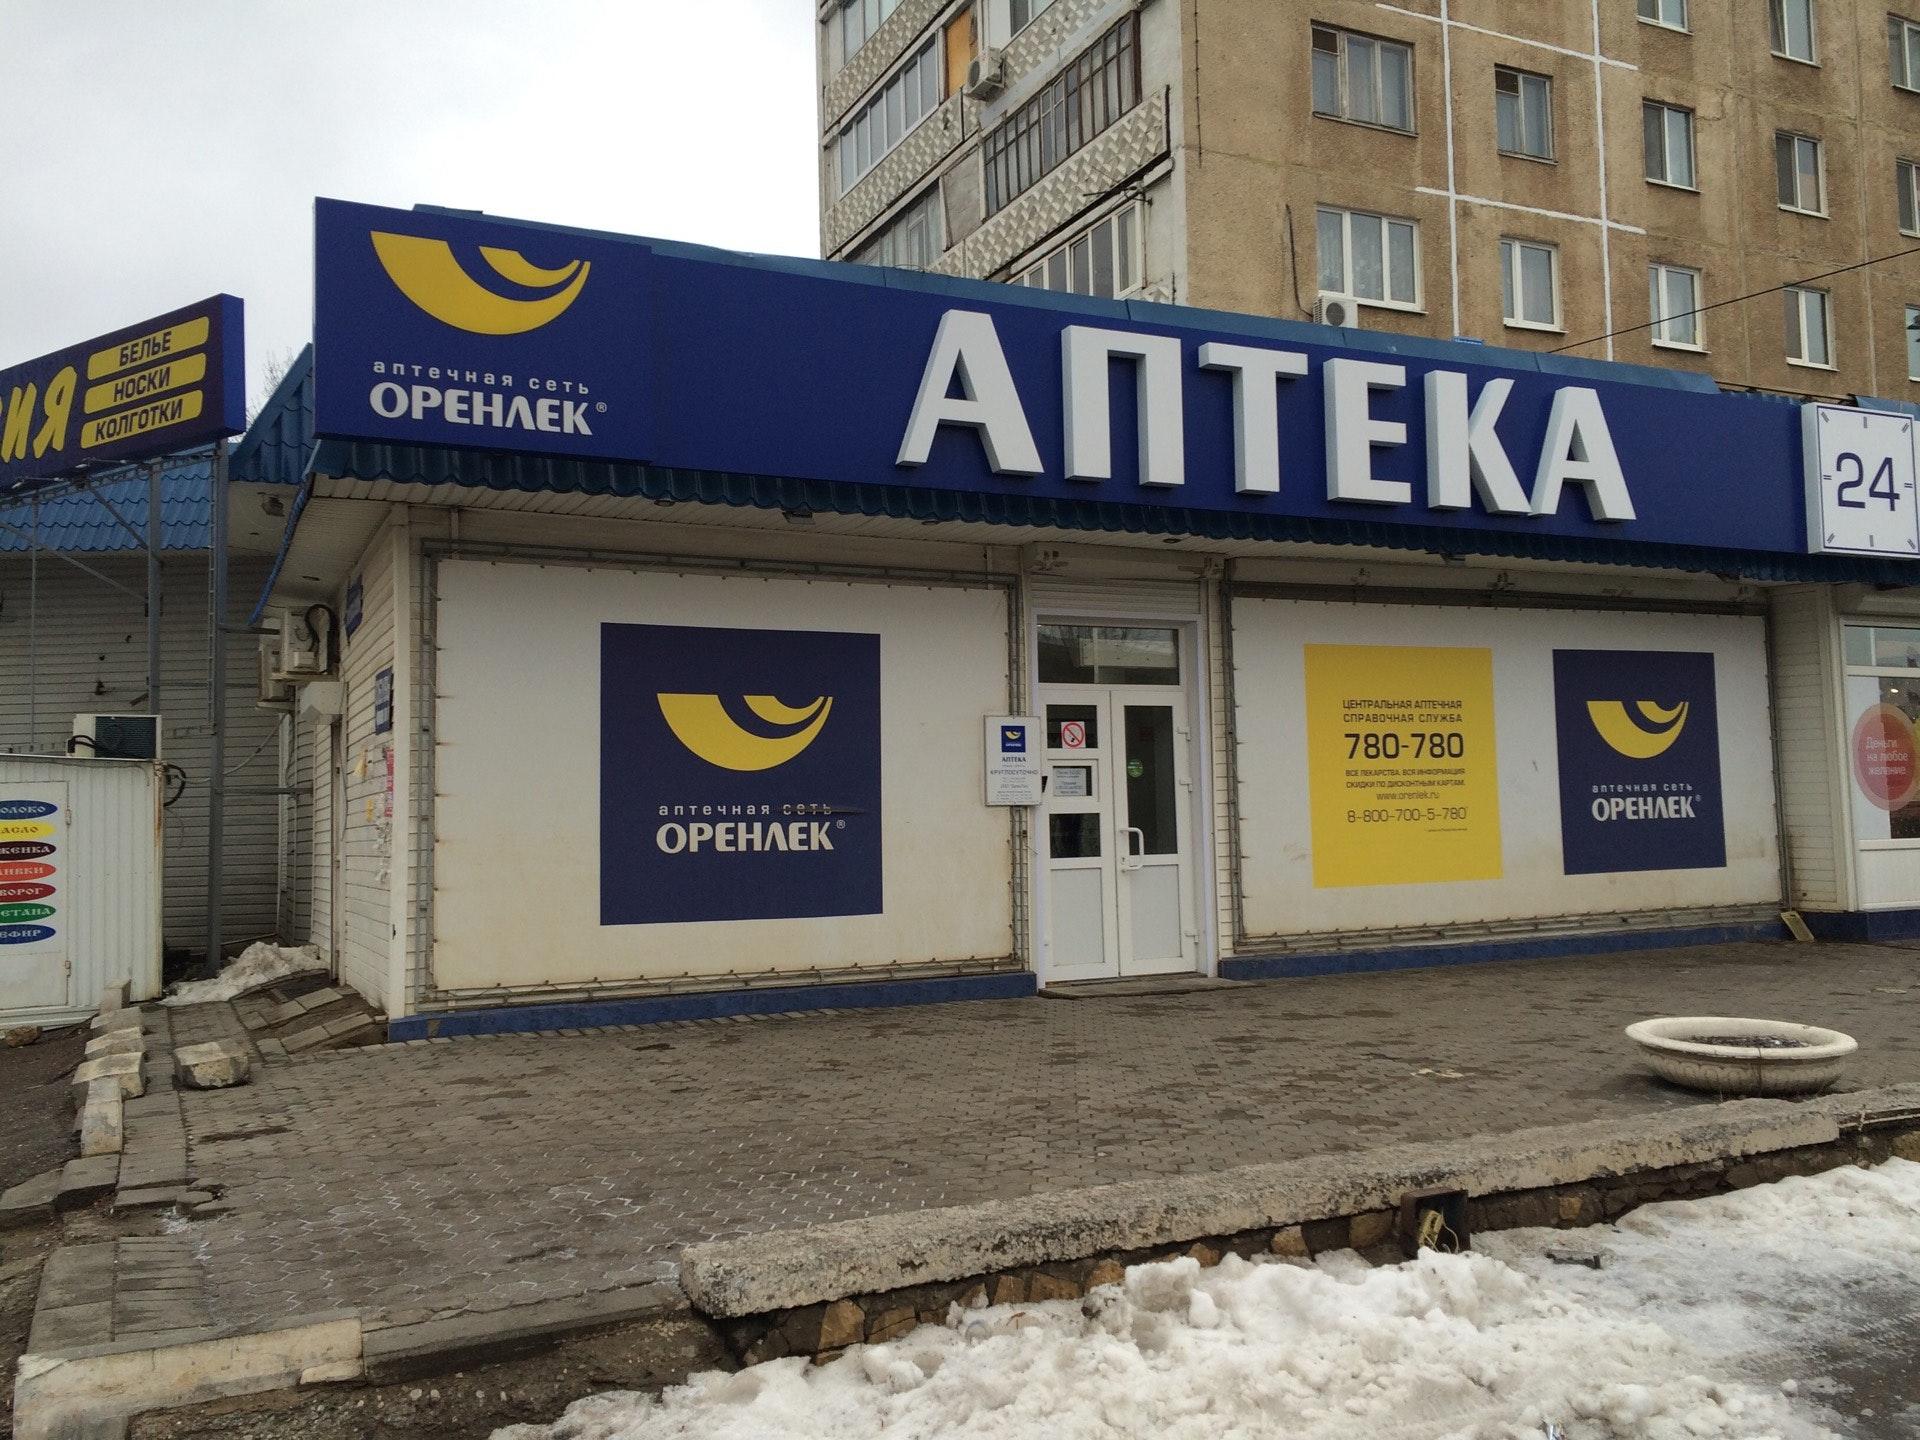 адреса и телефоны аптек в оренбурге